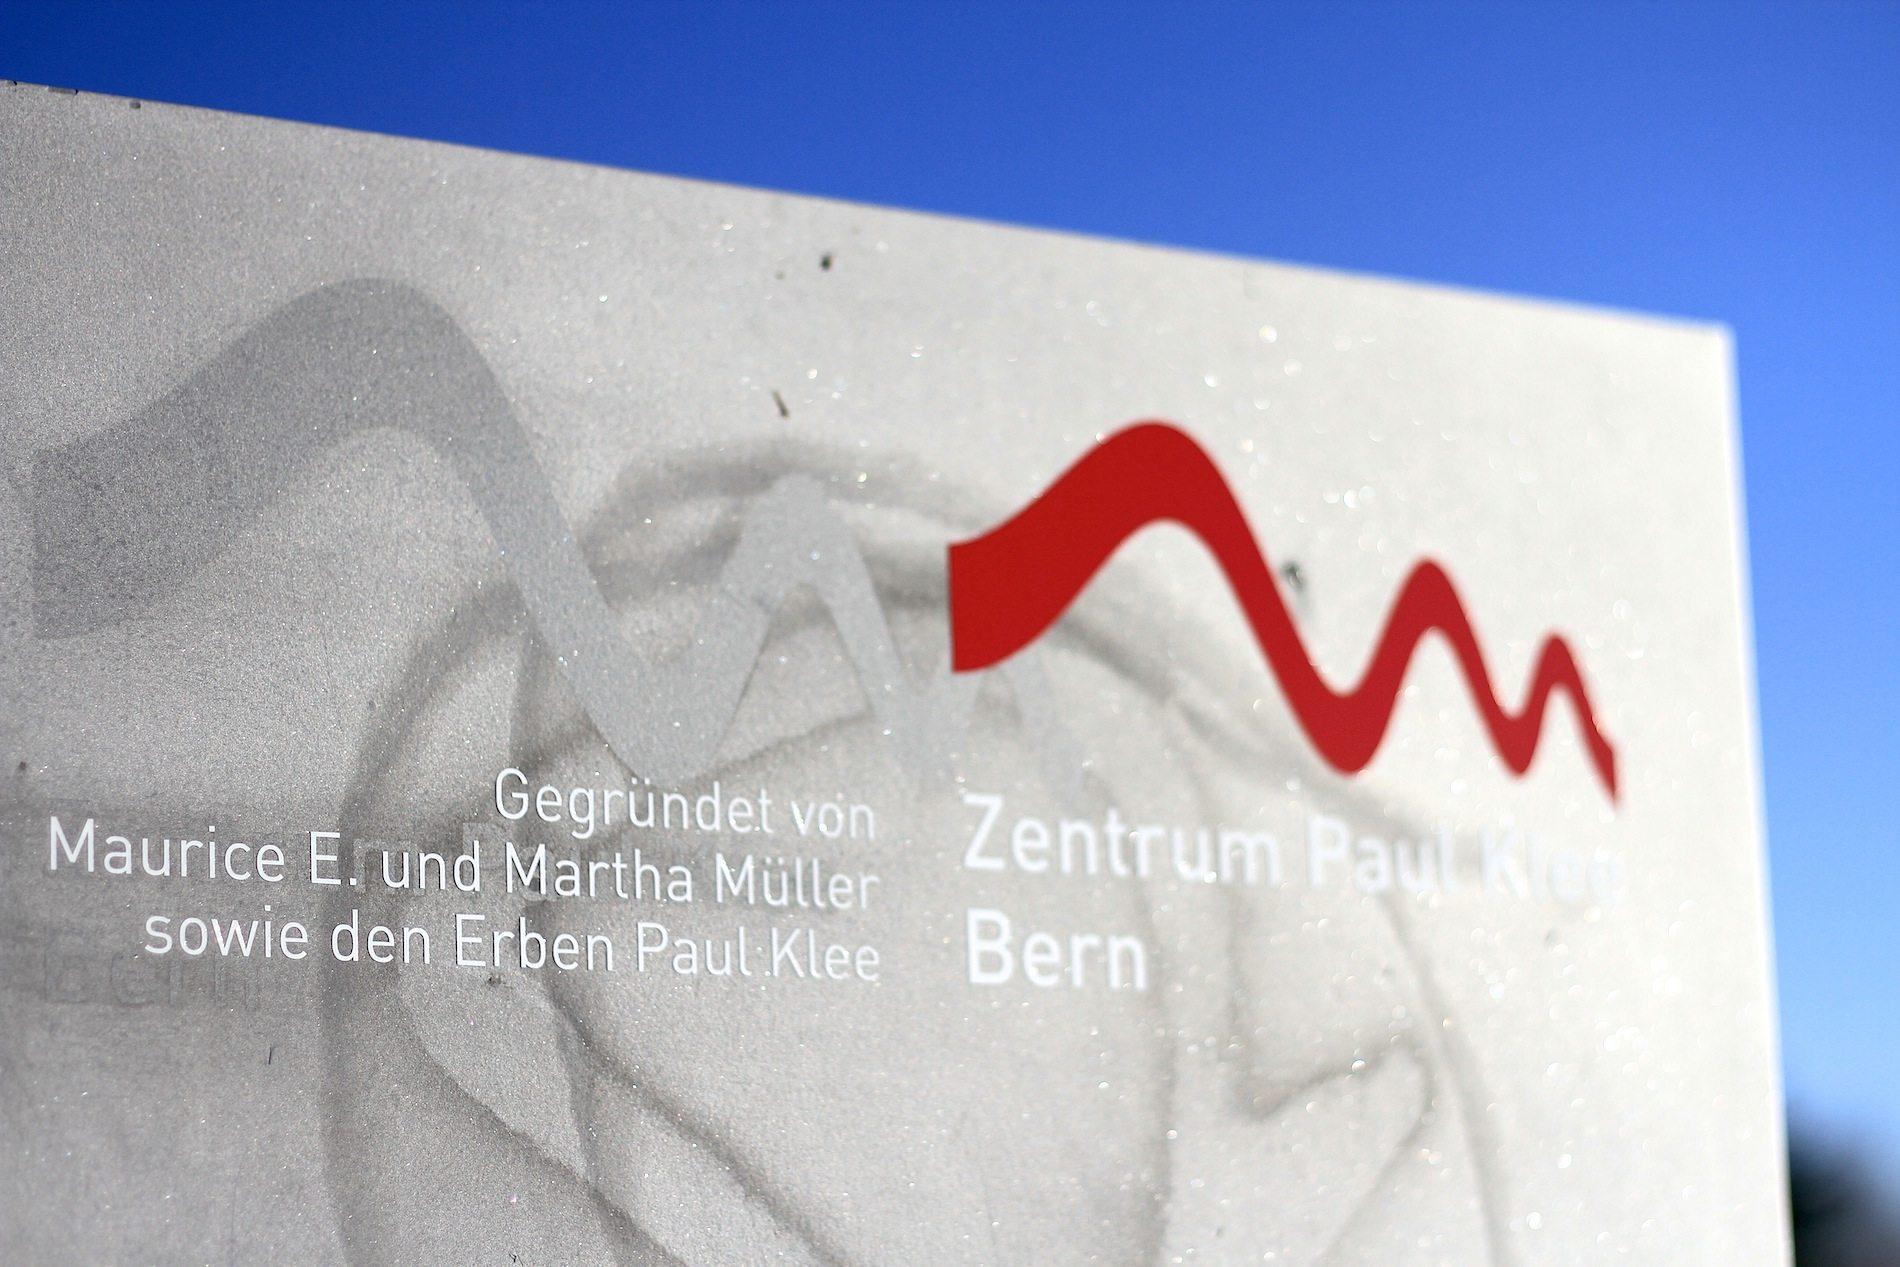 Zentrum Paul Klee. Förderer und Financiers: Maurice E. und Martha Müller mit den Erben von Paul Klee.